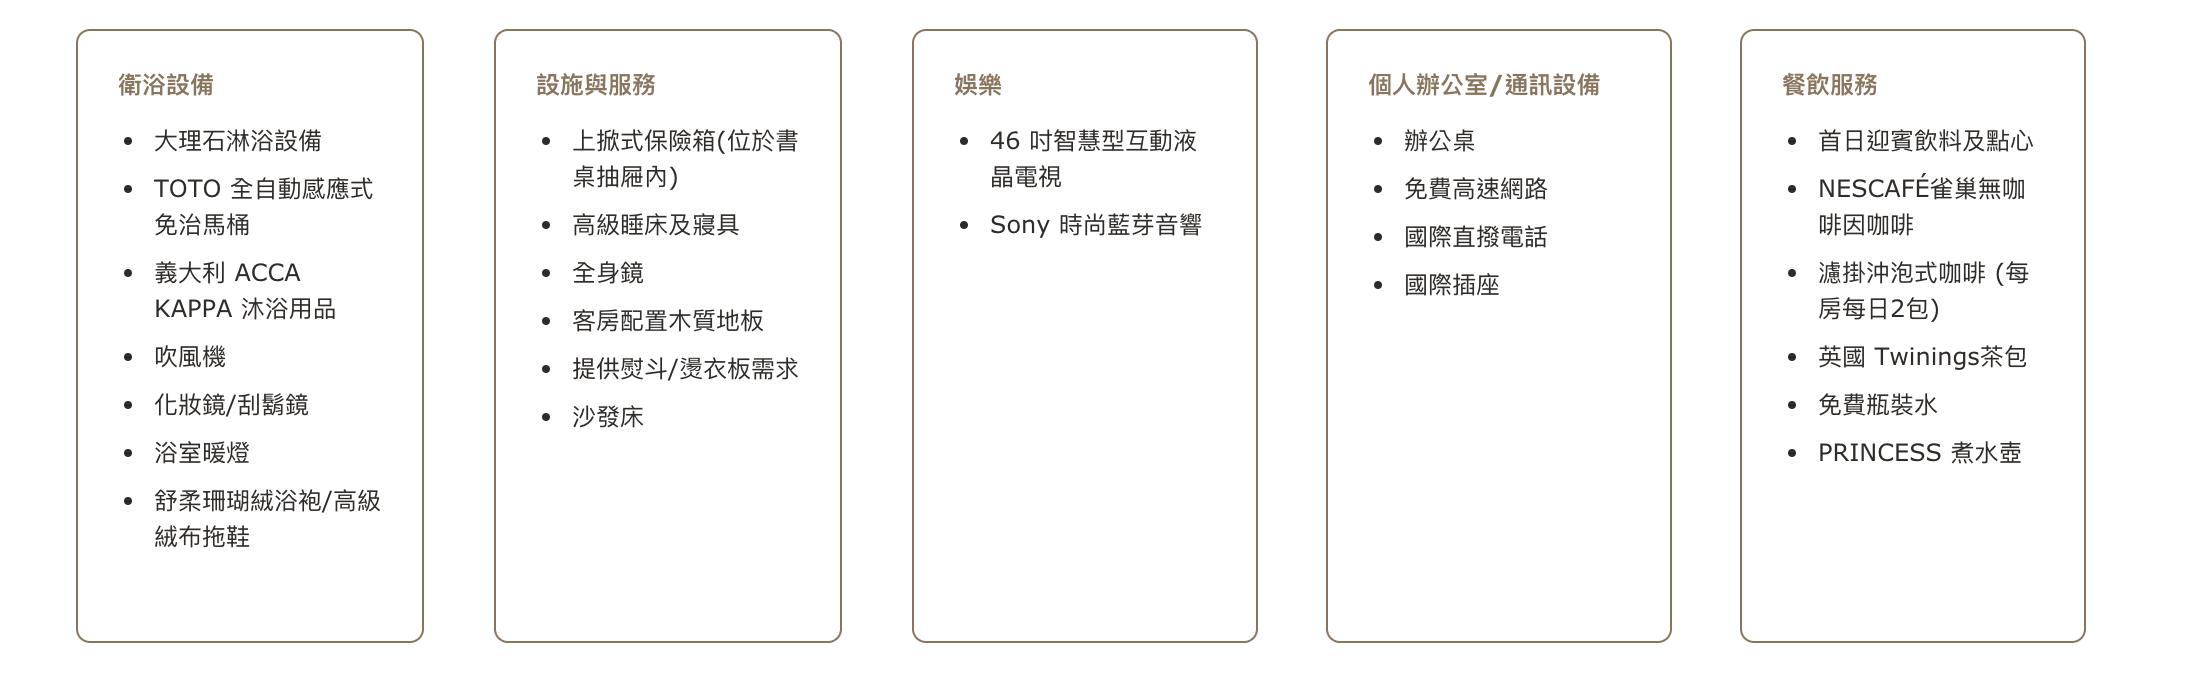 台北慕軒飯店,單人單晚1388元(需雙人入住),再送1,500元餐飲抵用金~